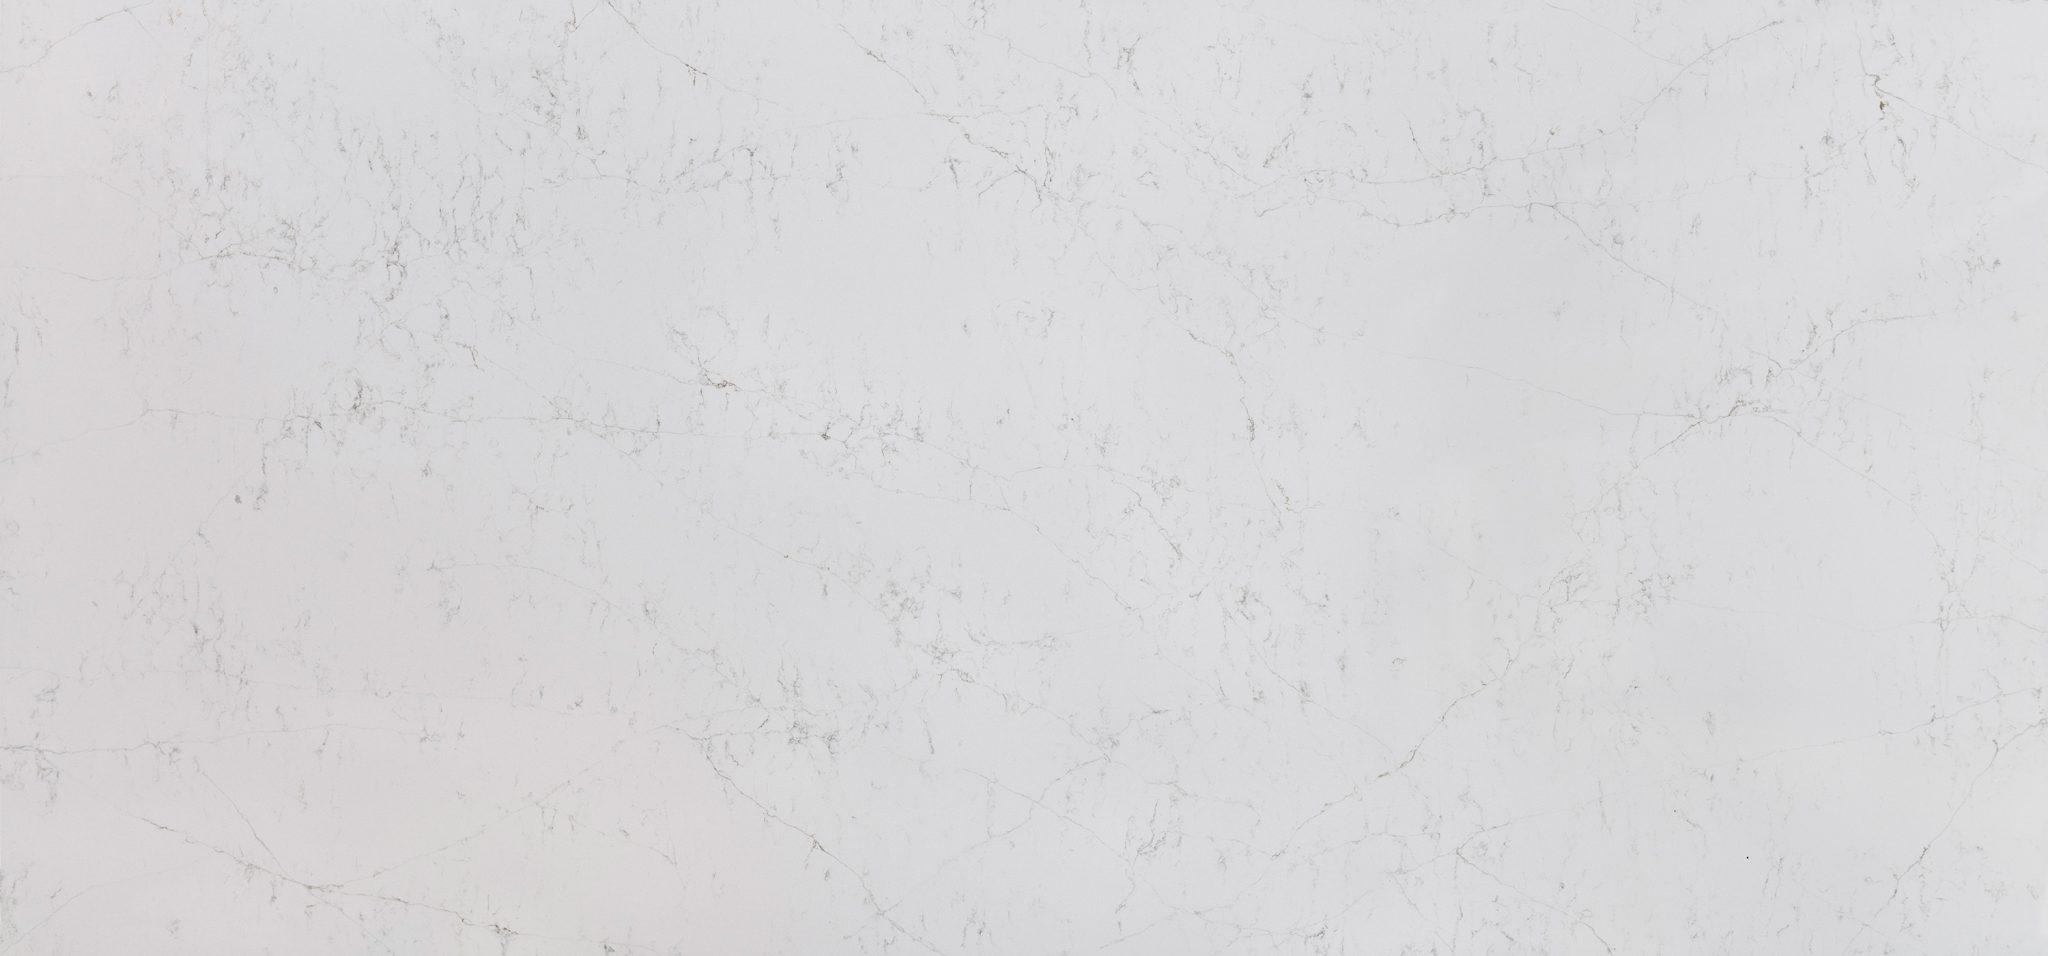 Unique Arabescato Quartz Texture